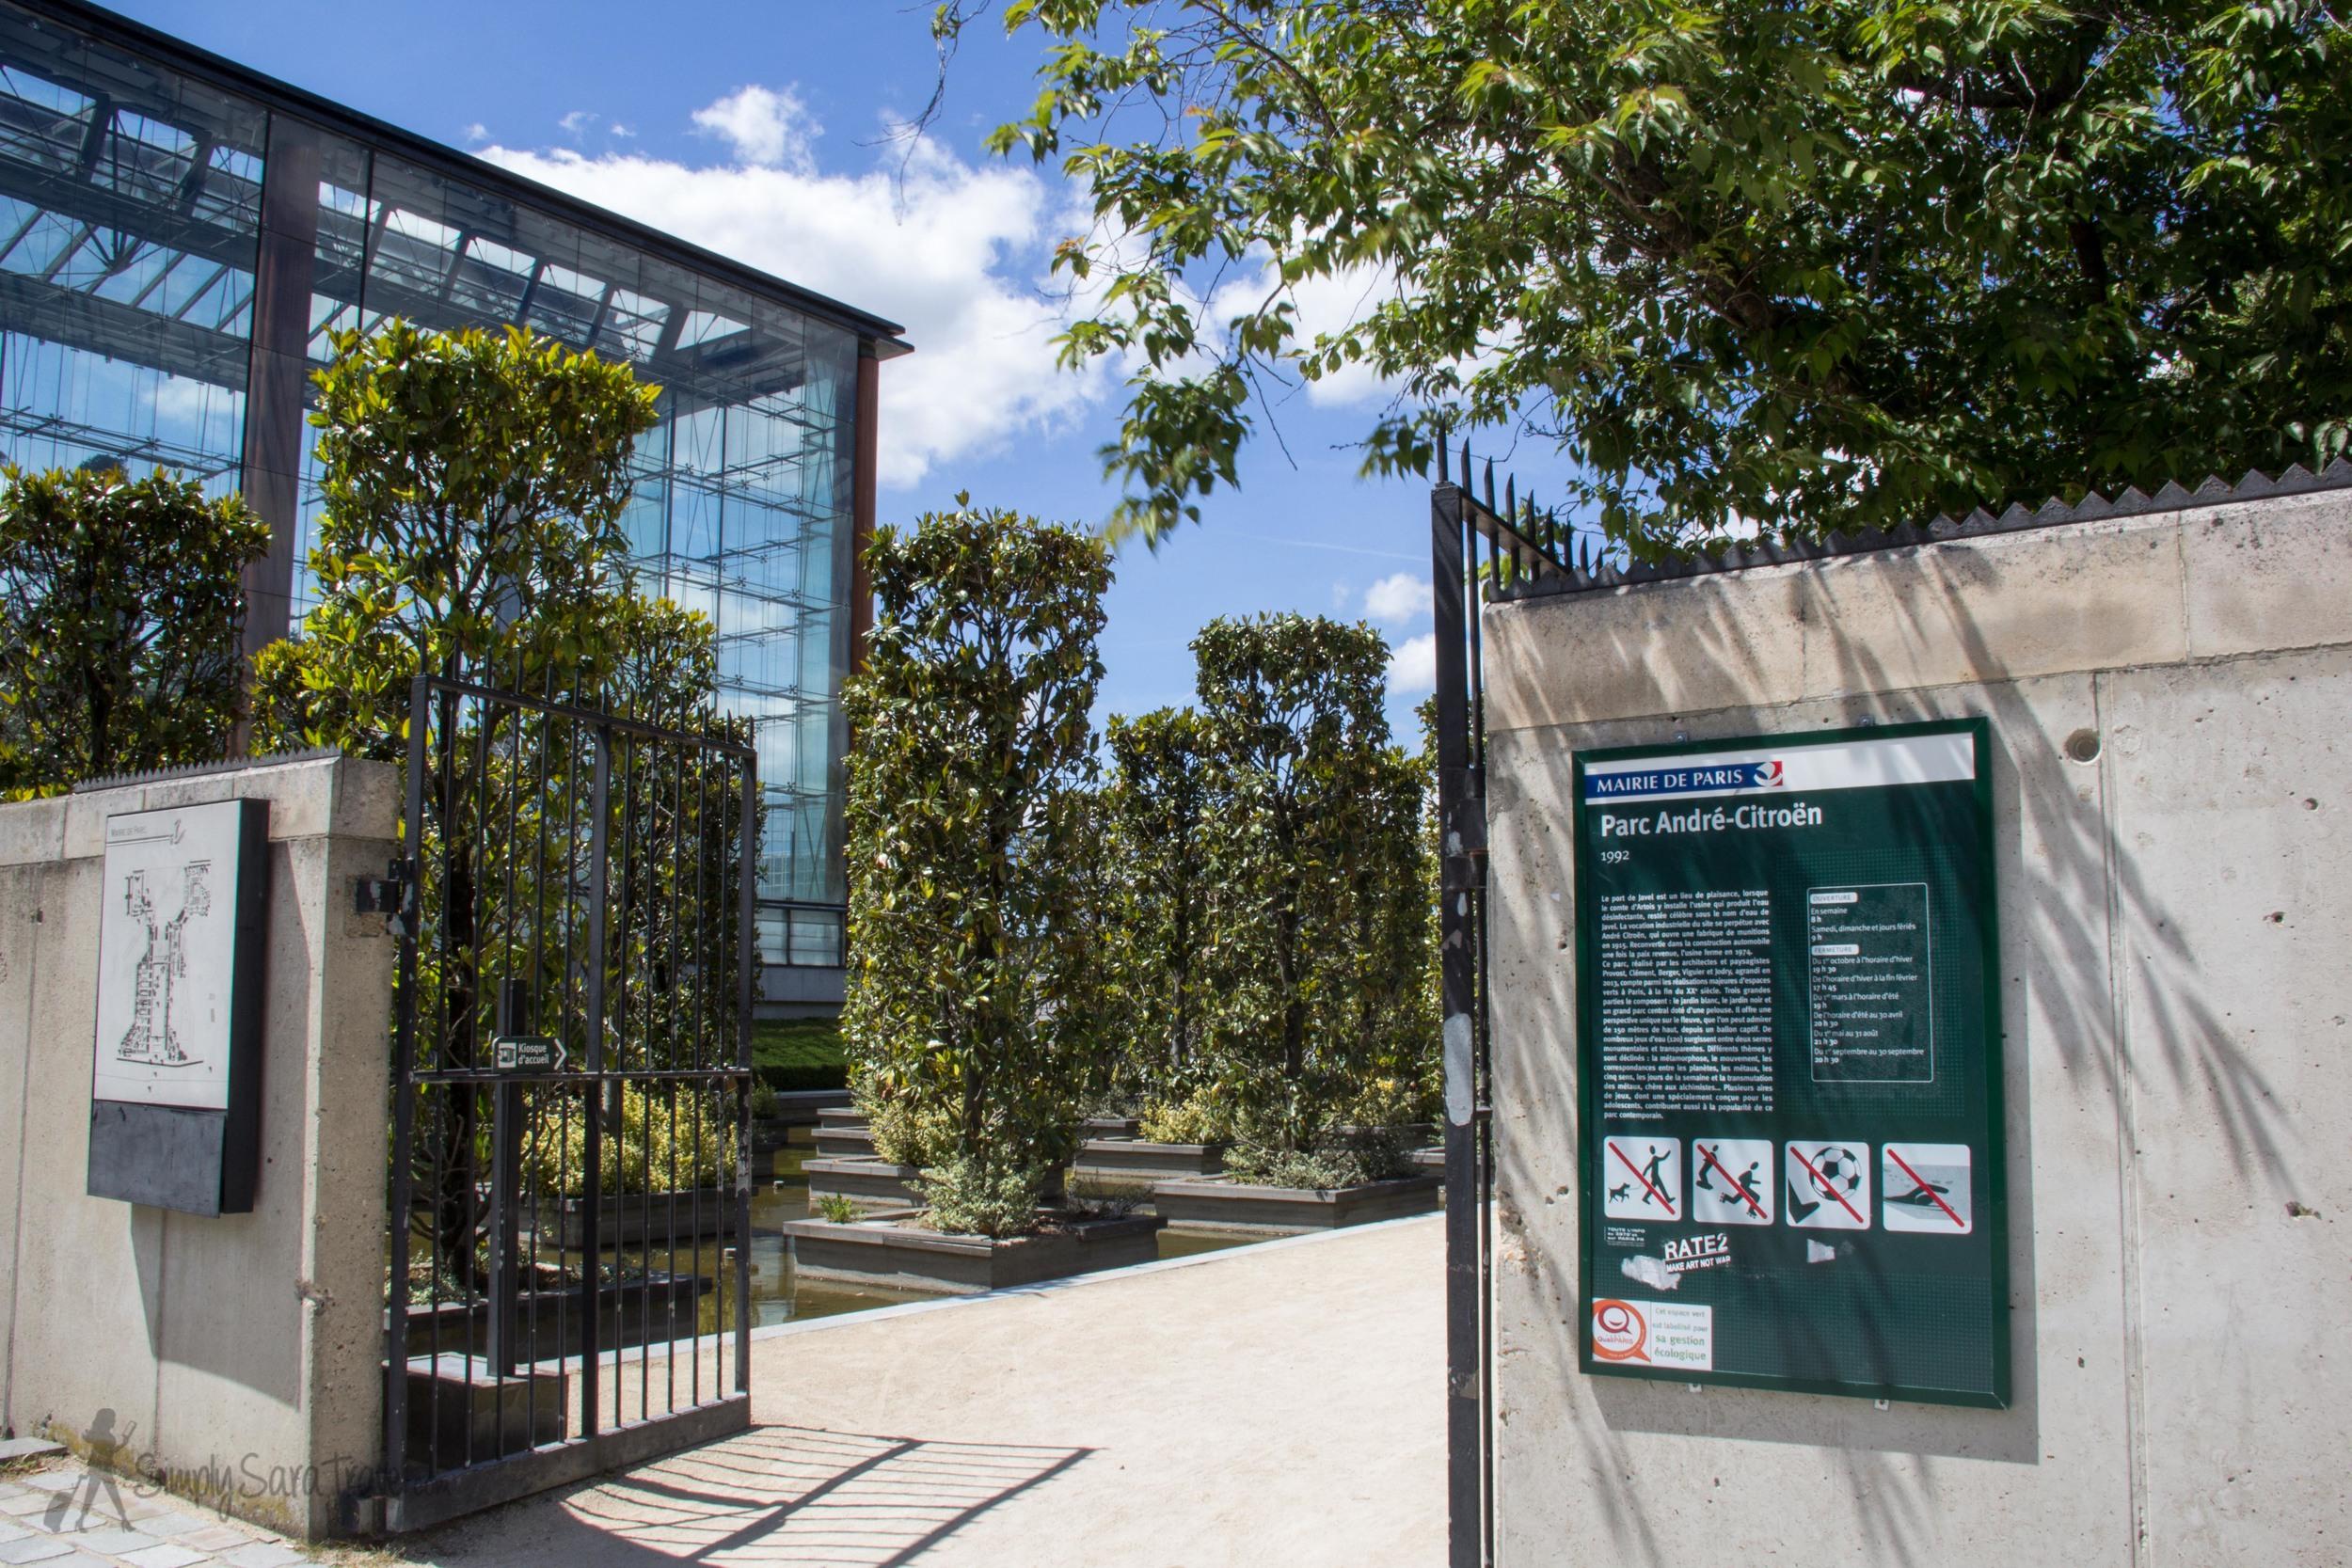 Entrance to Parc Andre Citroen, Paris, France 75015